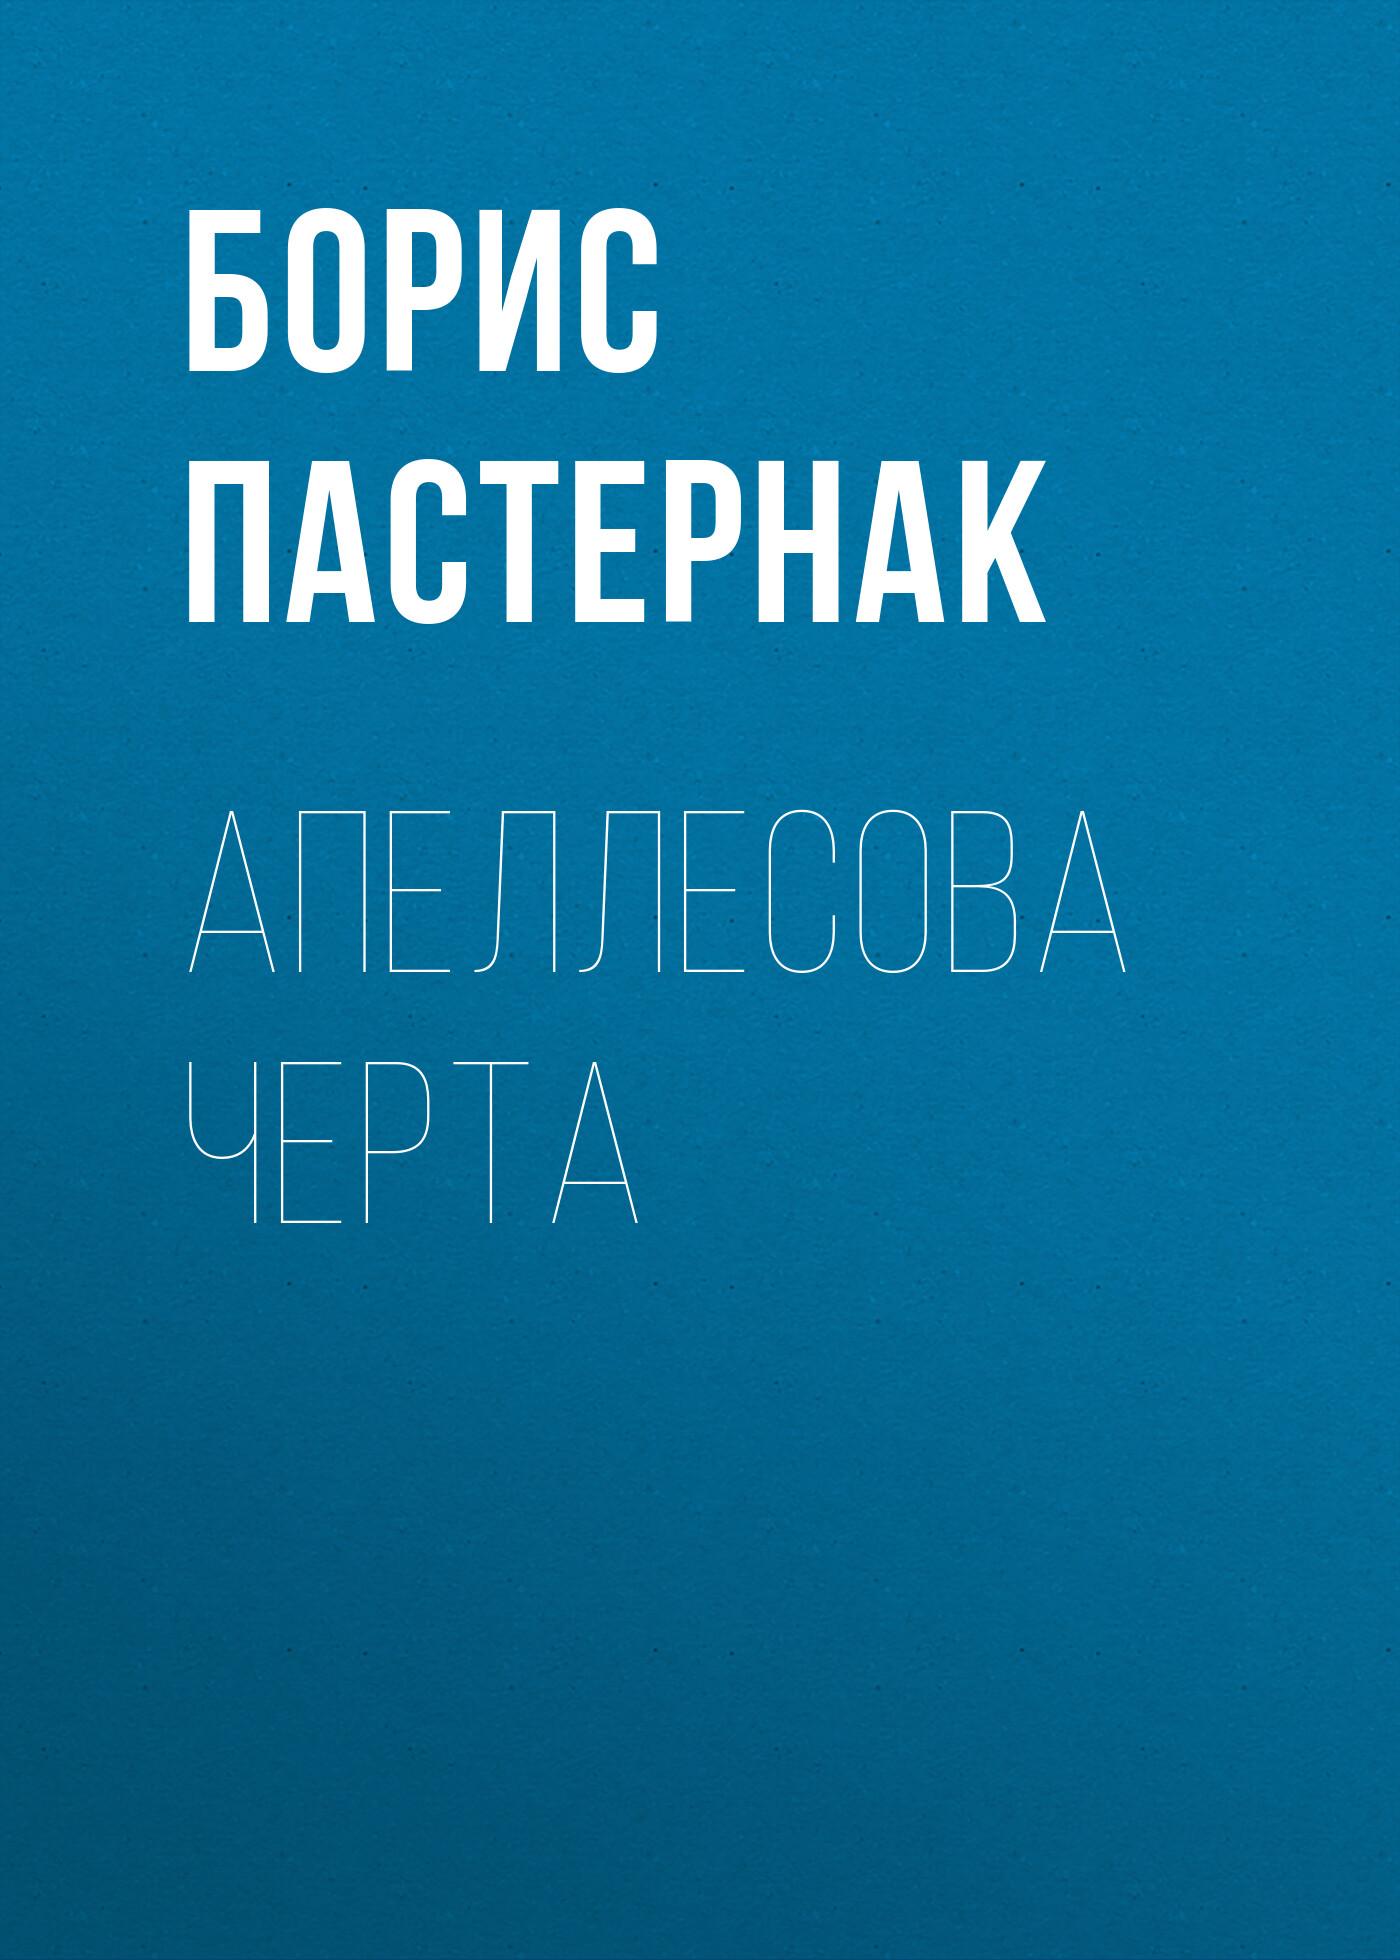 Борис Пастернак Апеллесова черта аполлинер гийом убиенный поэт повести